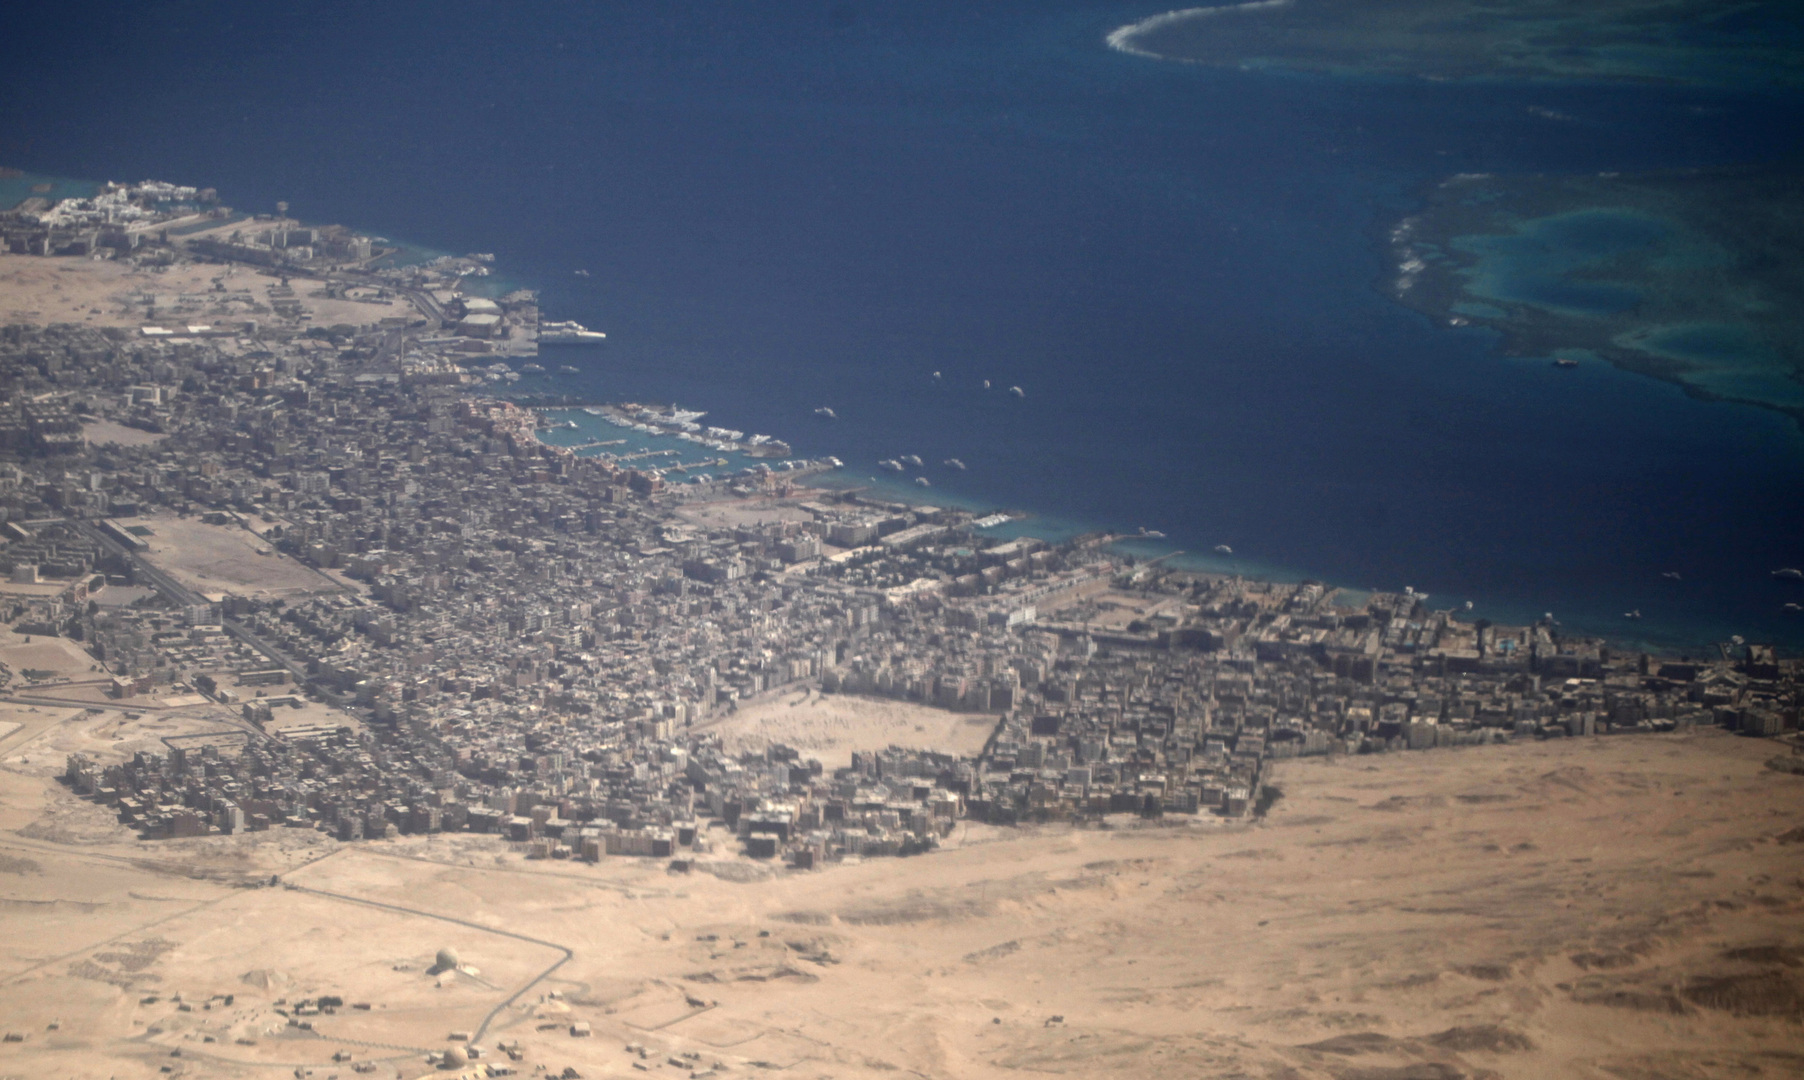 النيابة المصرية تصدر قرارا حول المتهمين بالاستيلاء على أراض لأمراء سعوديين